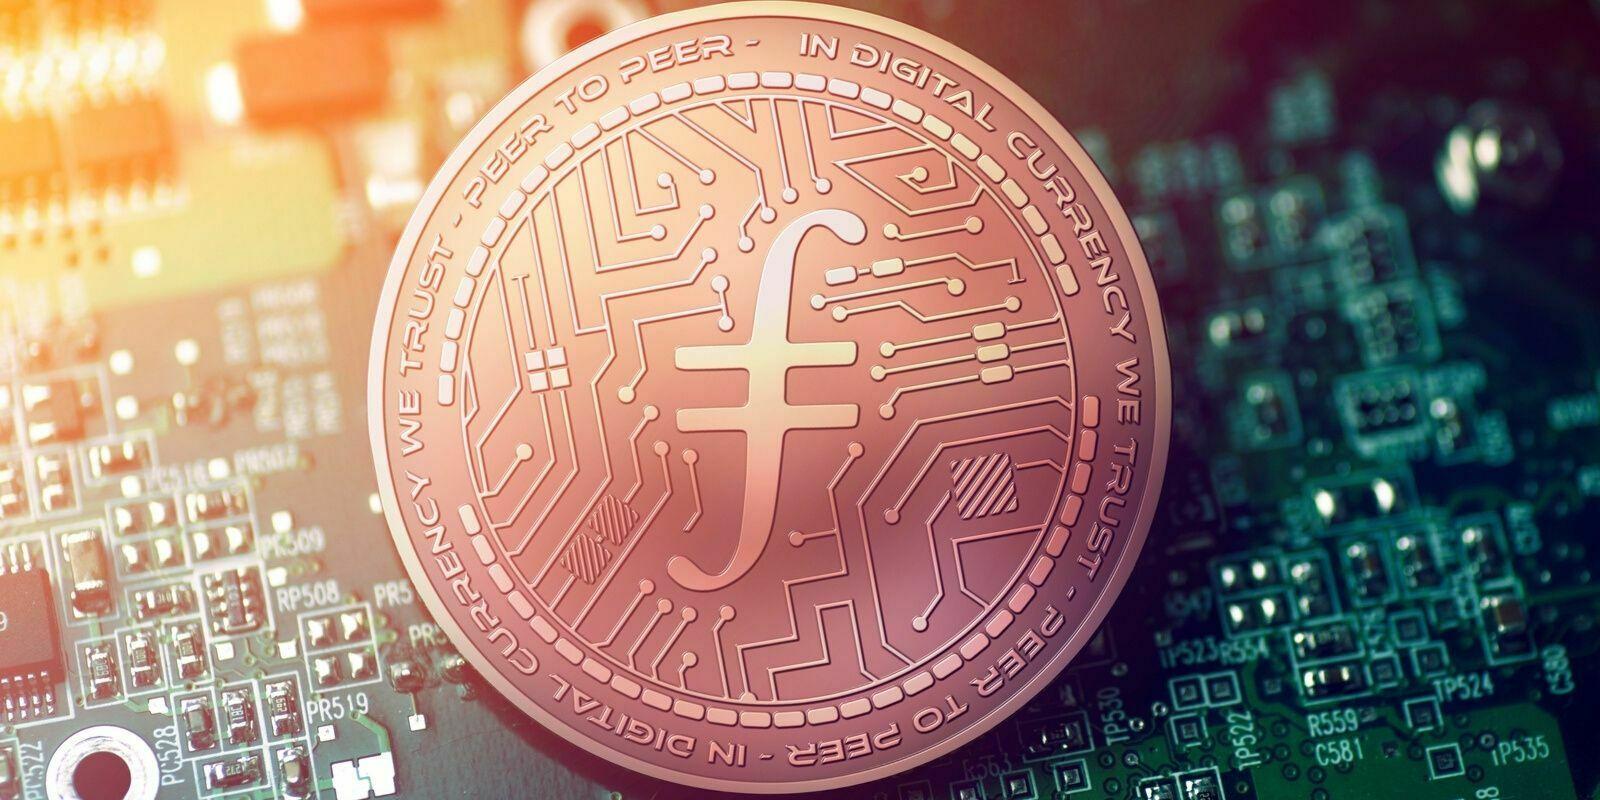 3 ans après son ICO, le projet Filecoin (FIL) annonce le lancement de son mainnet